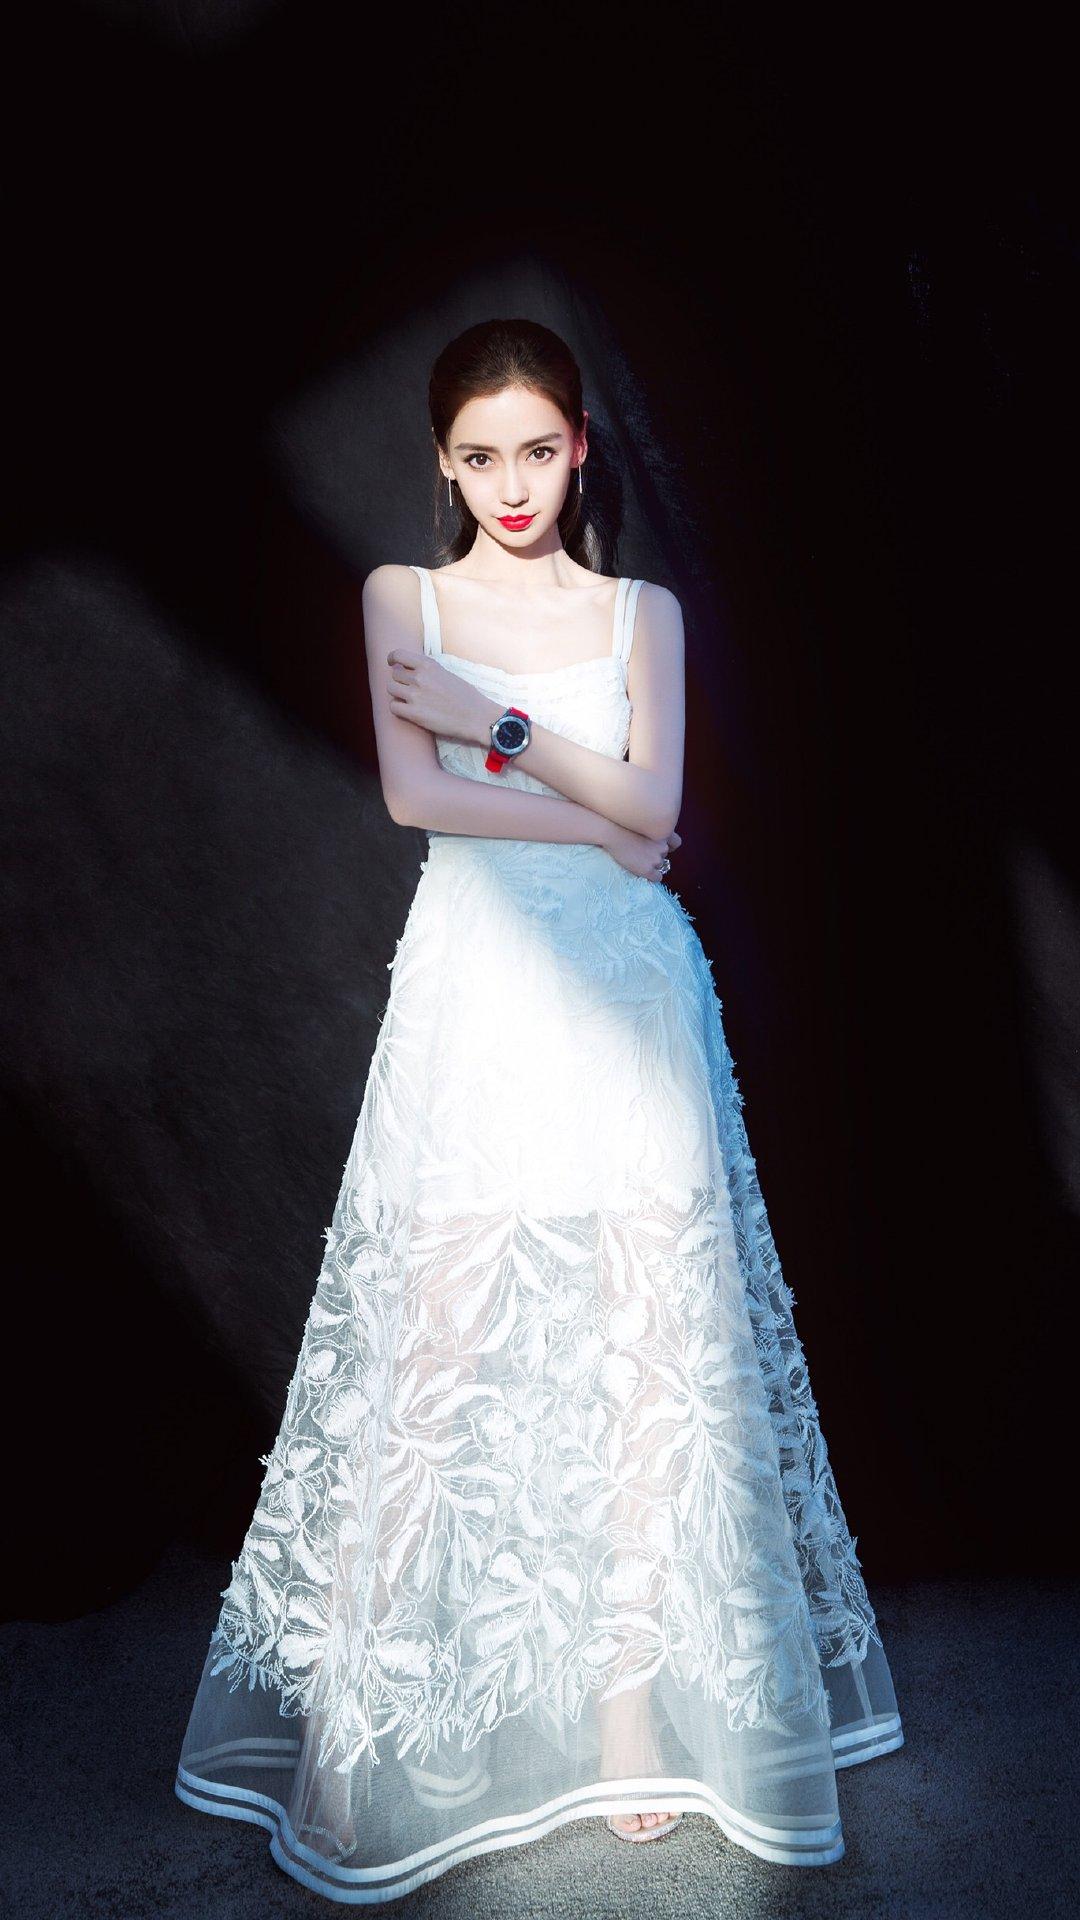 angelababy条纹吊带裙性感事业线时尚造型活动照写真